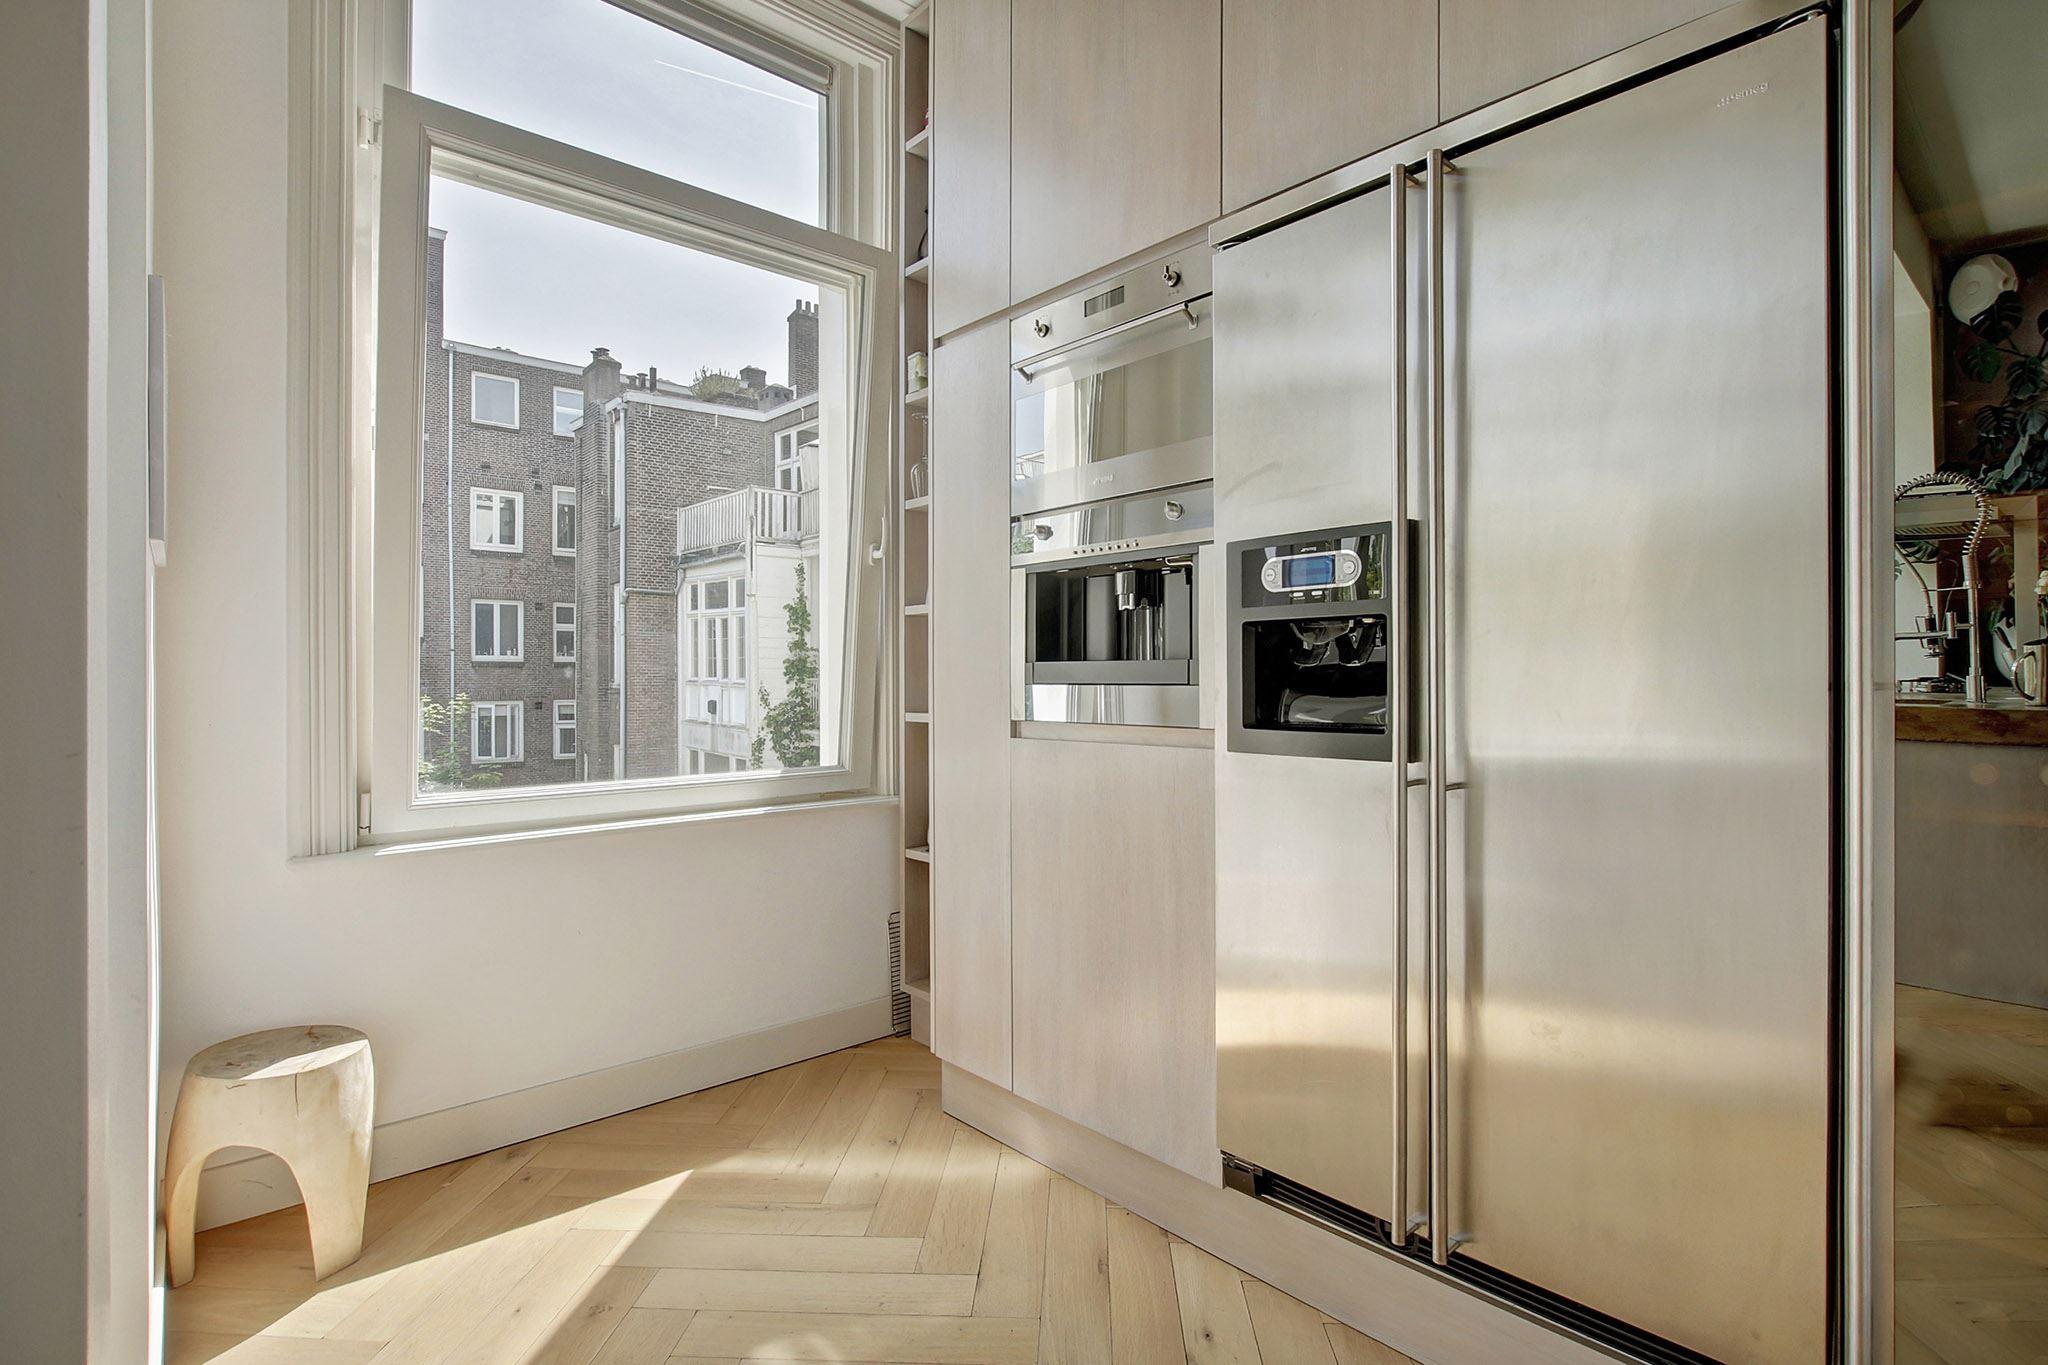 кухня встроенная техника холодильник паркет